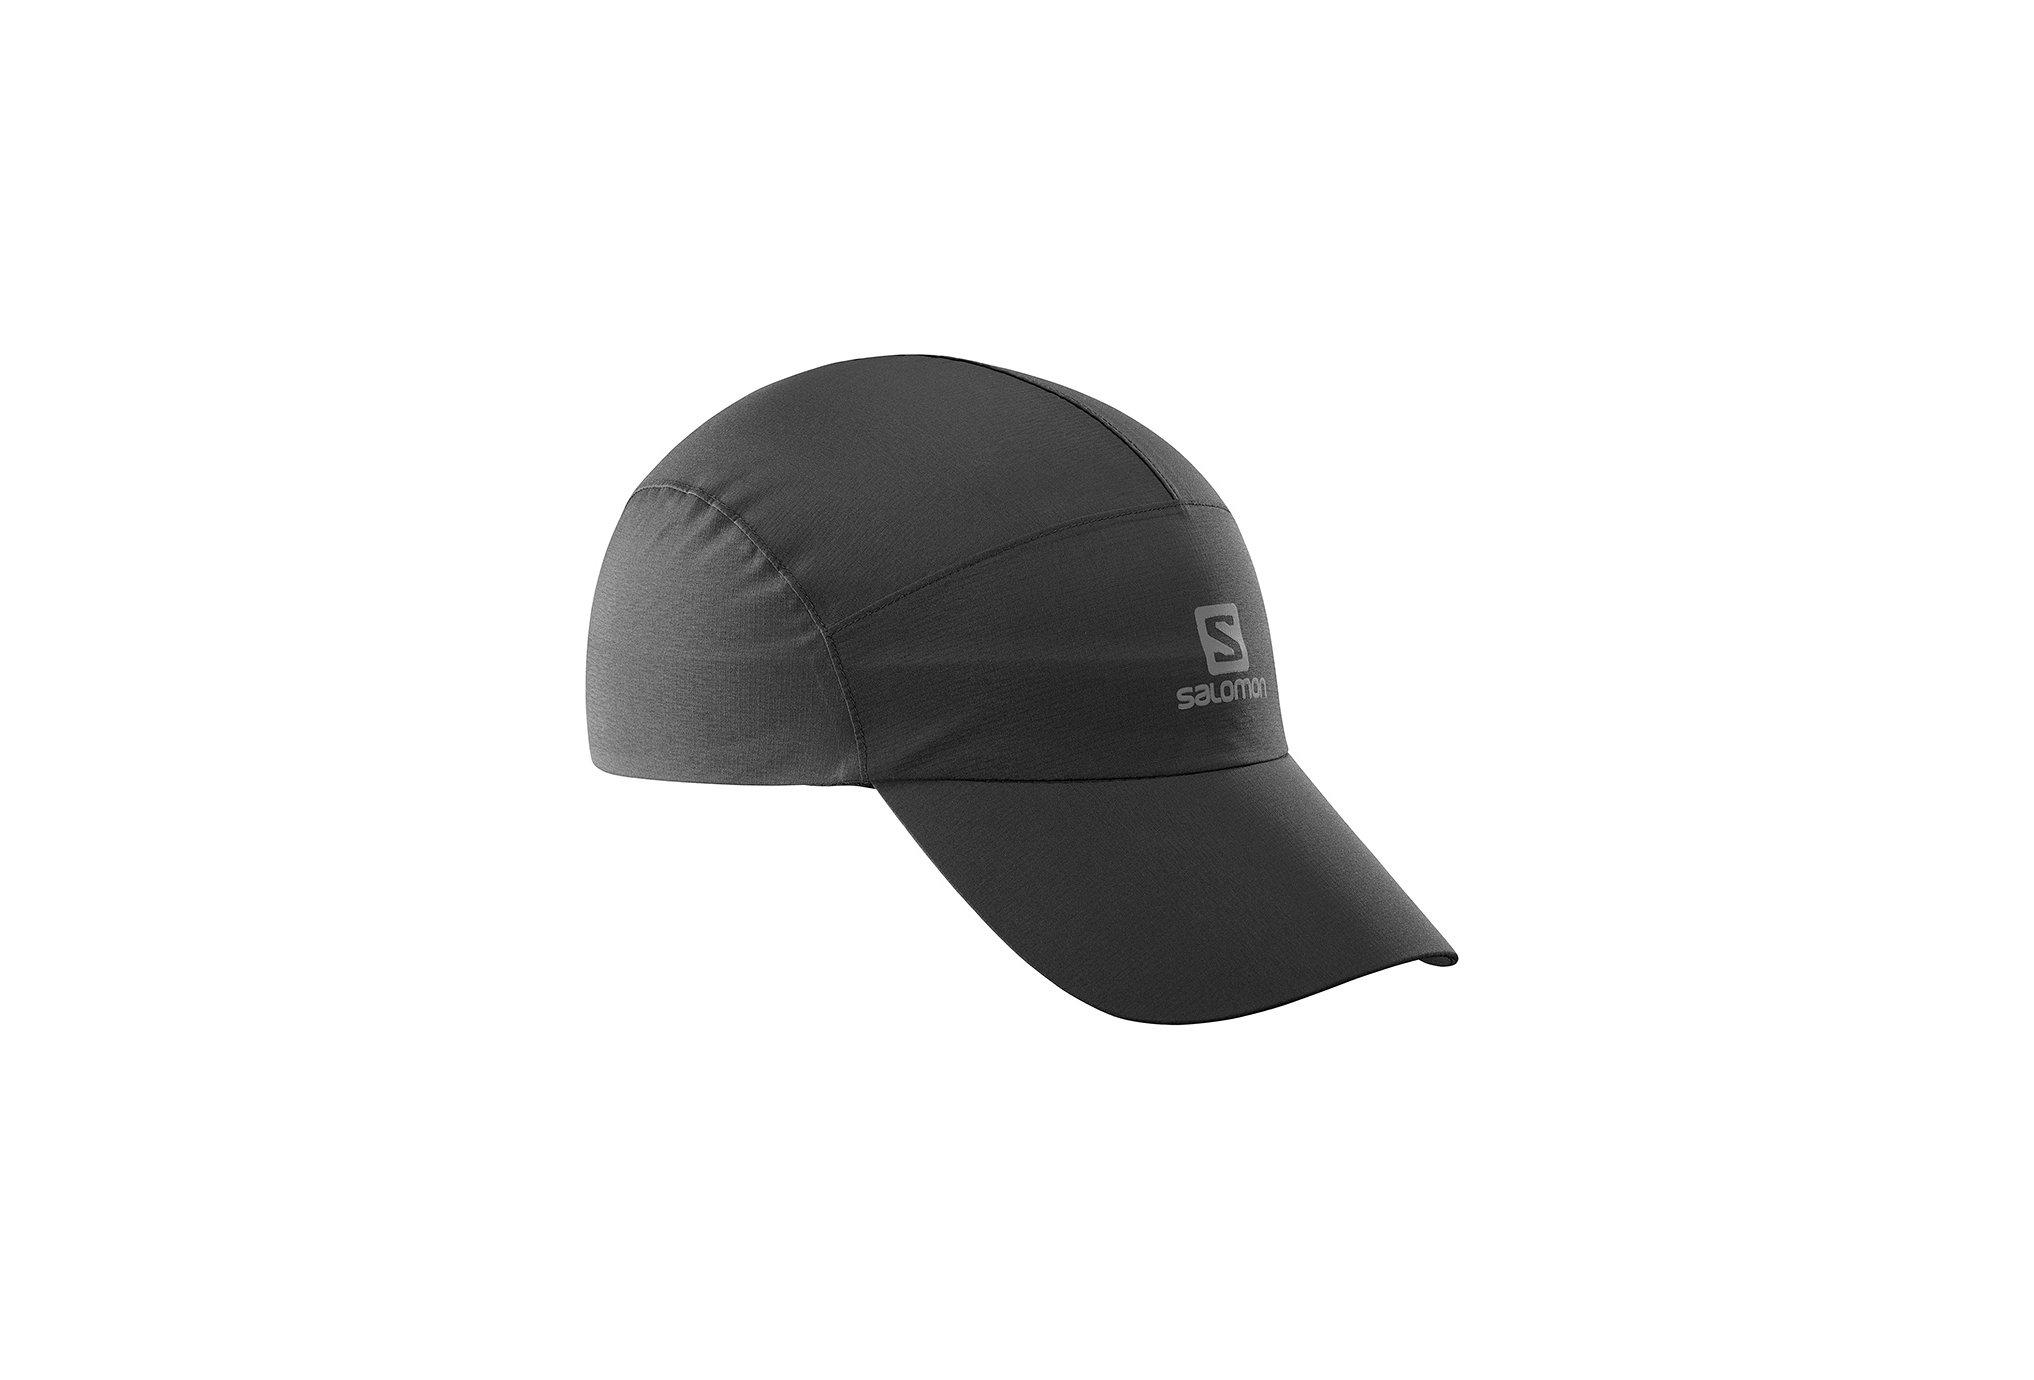 Salomon Waterproof Cap Casquettes / bandeaux